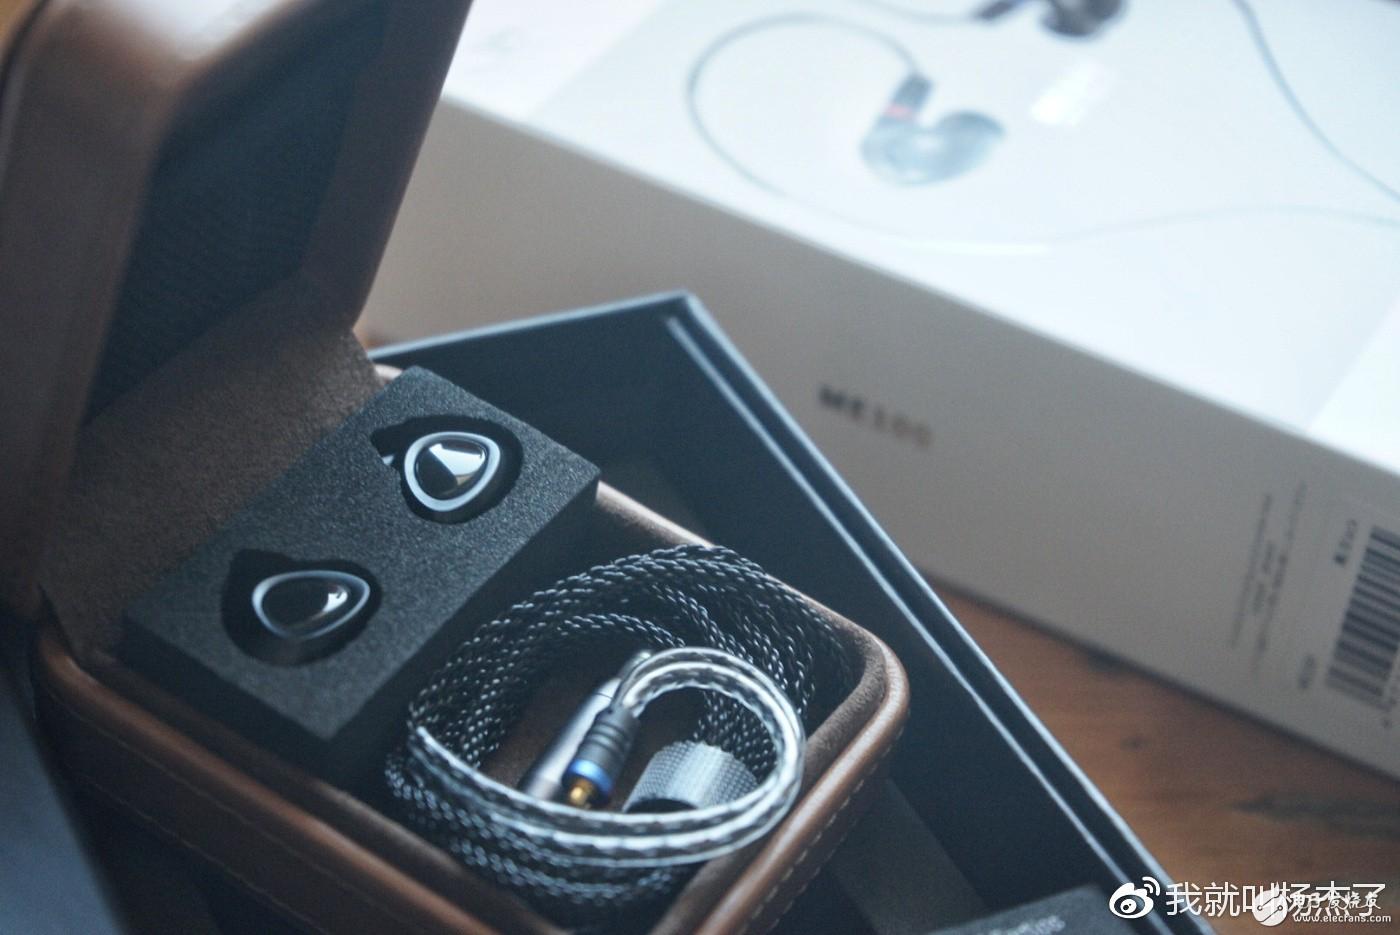 山灵首款HIFI级耳塞—ME100主观评测